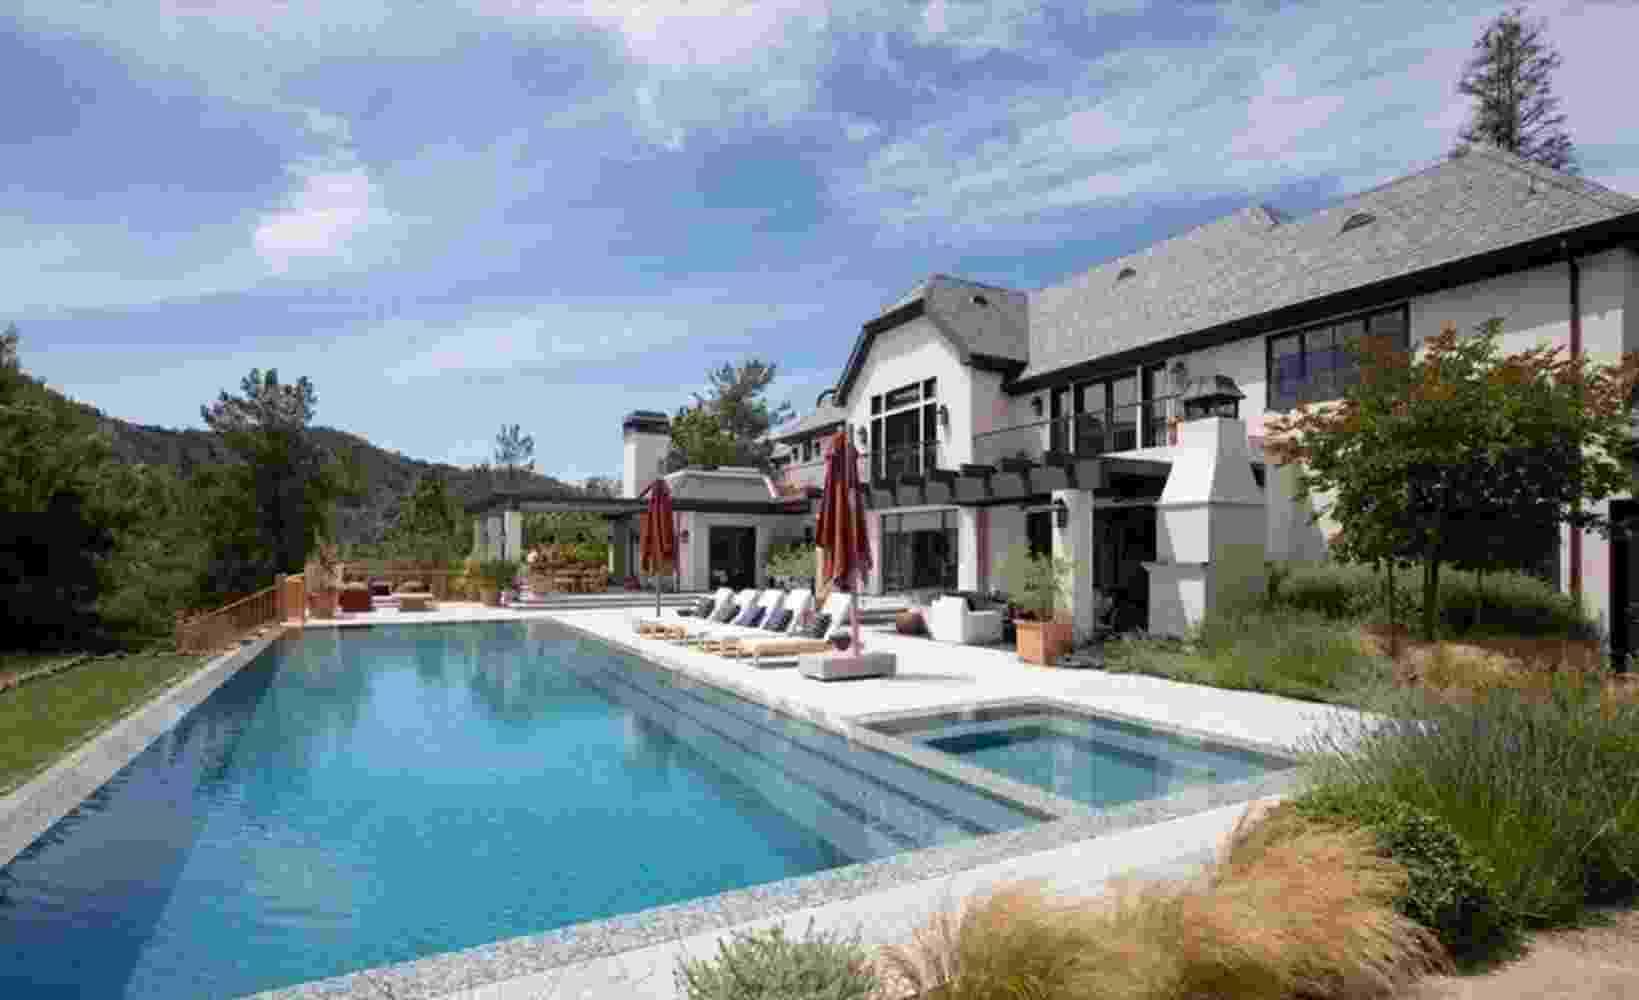 Mansão de Justin Bieber possui piscina, biblioteca, mansão e sala de cinema - Divulgação/Realtor